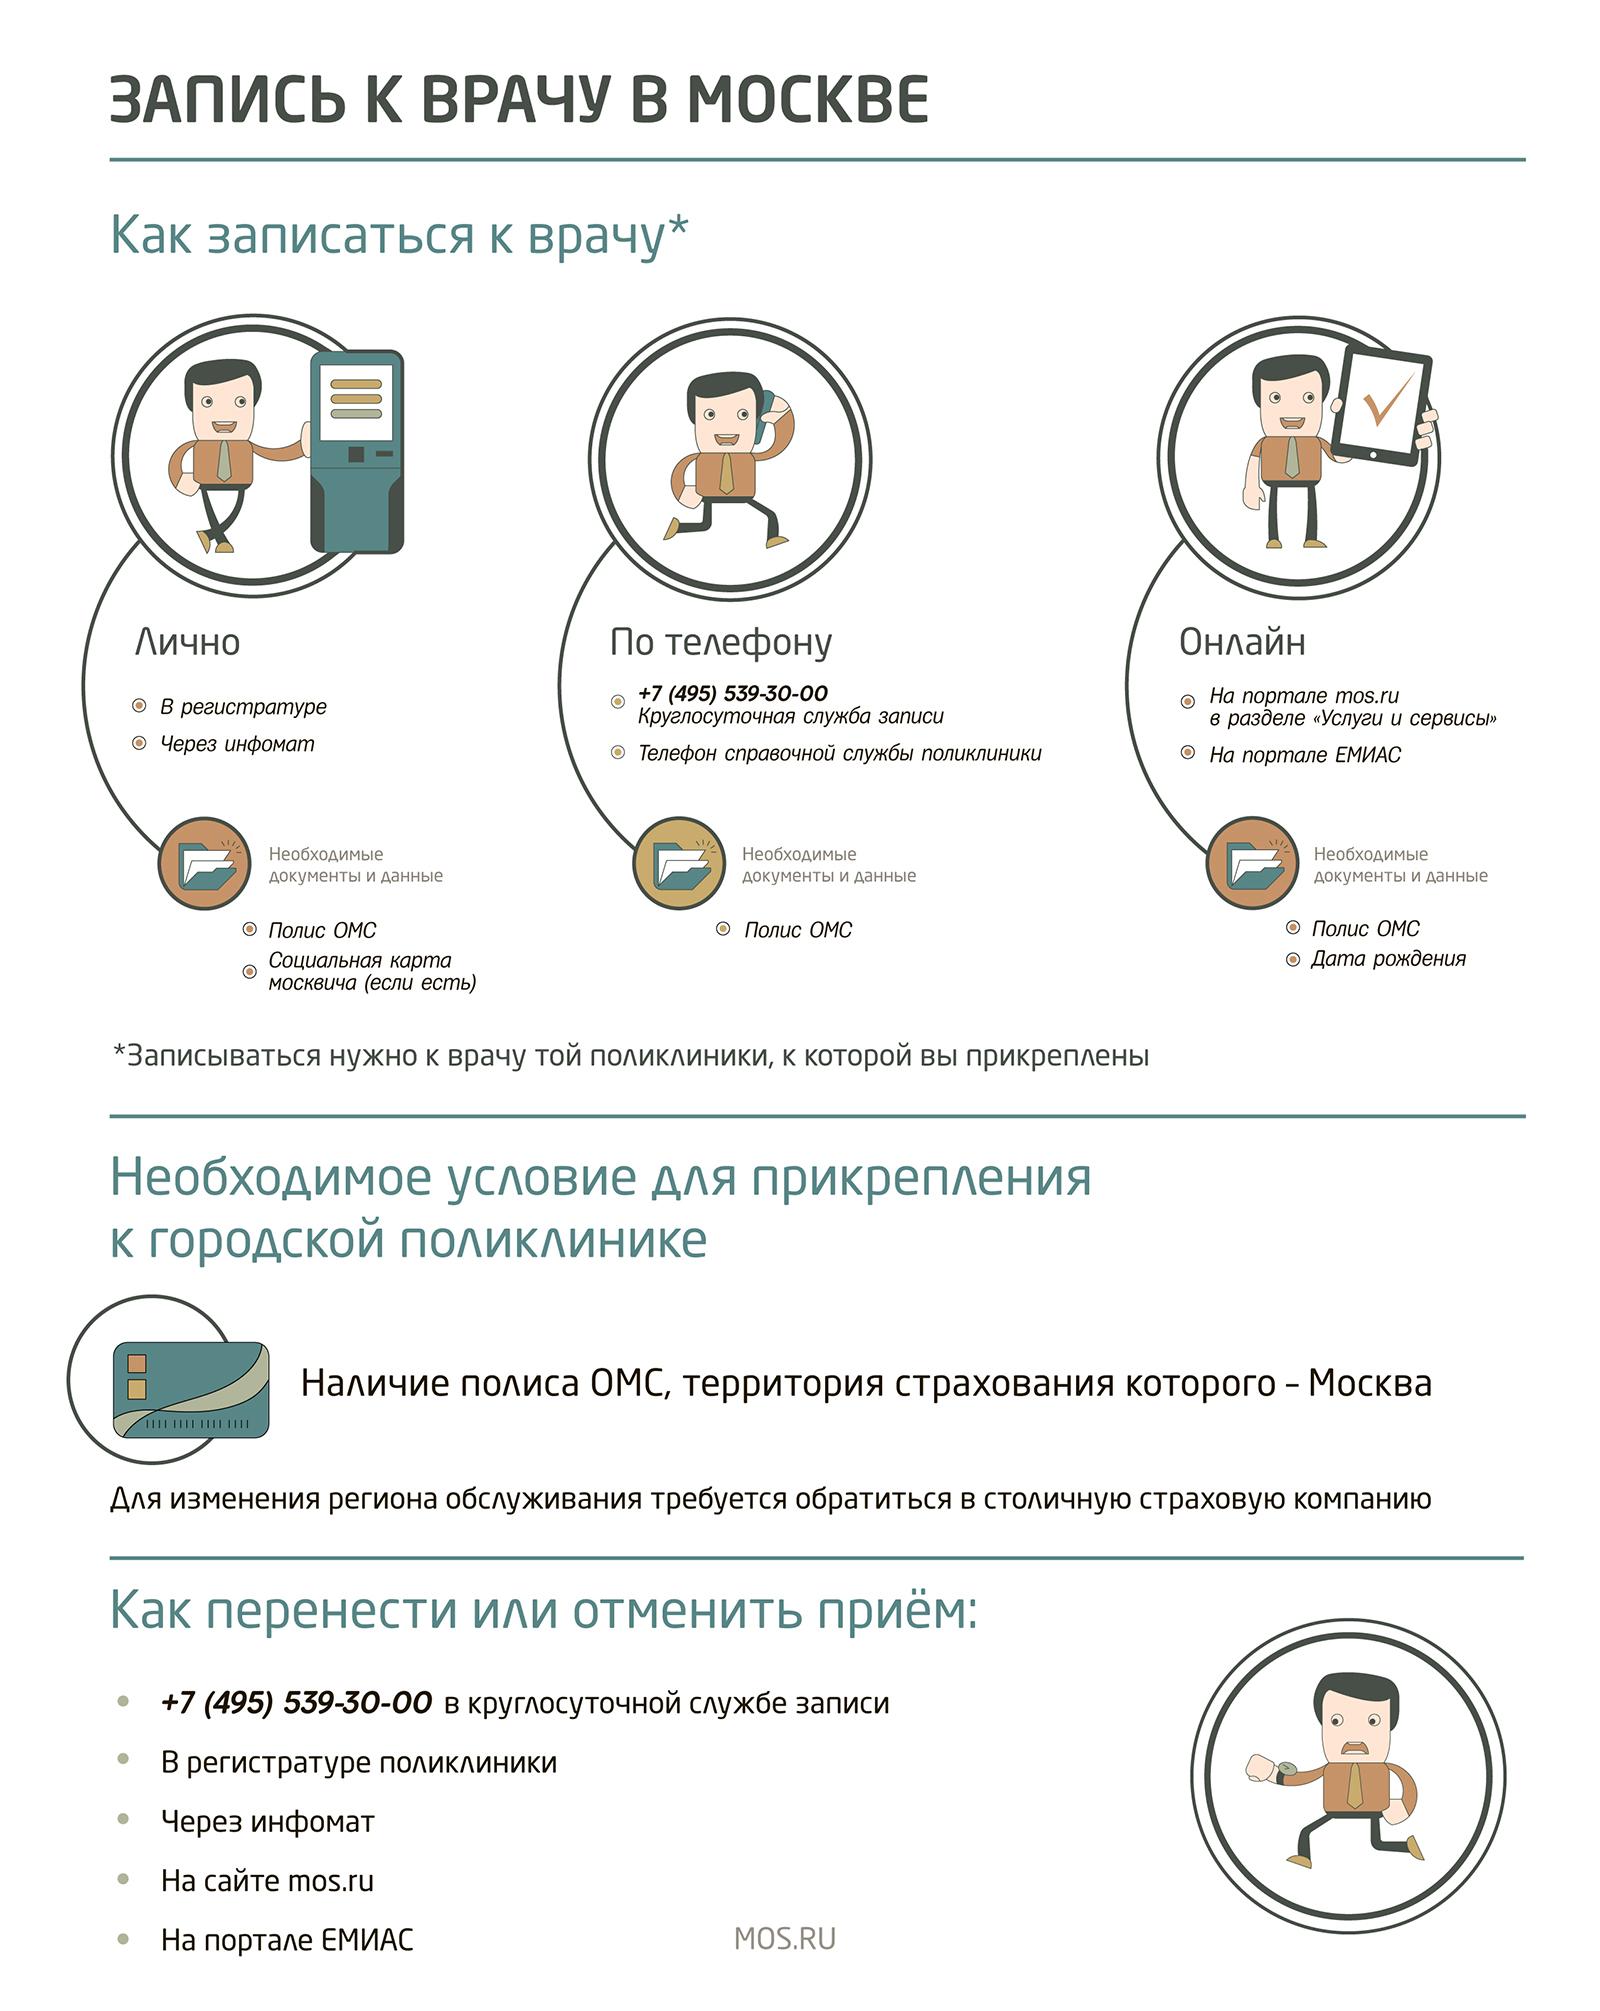 Samara-63cityru - Best Similar Sites - BigListOfWebsitescom